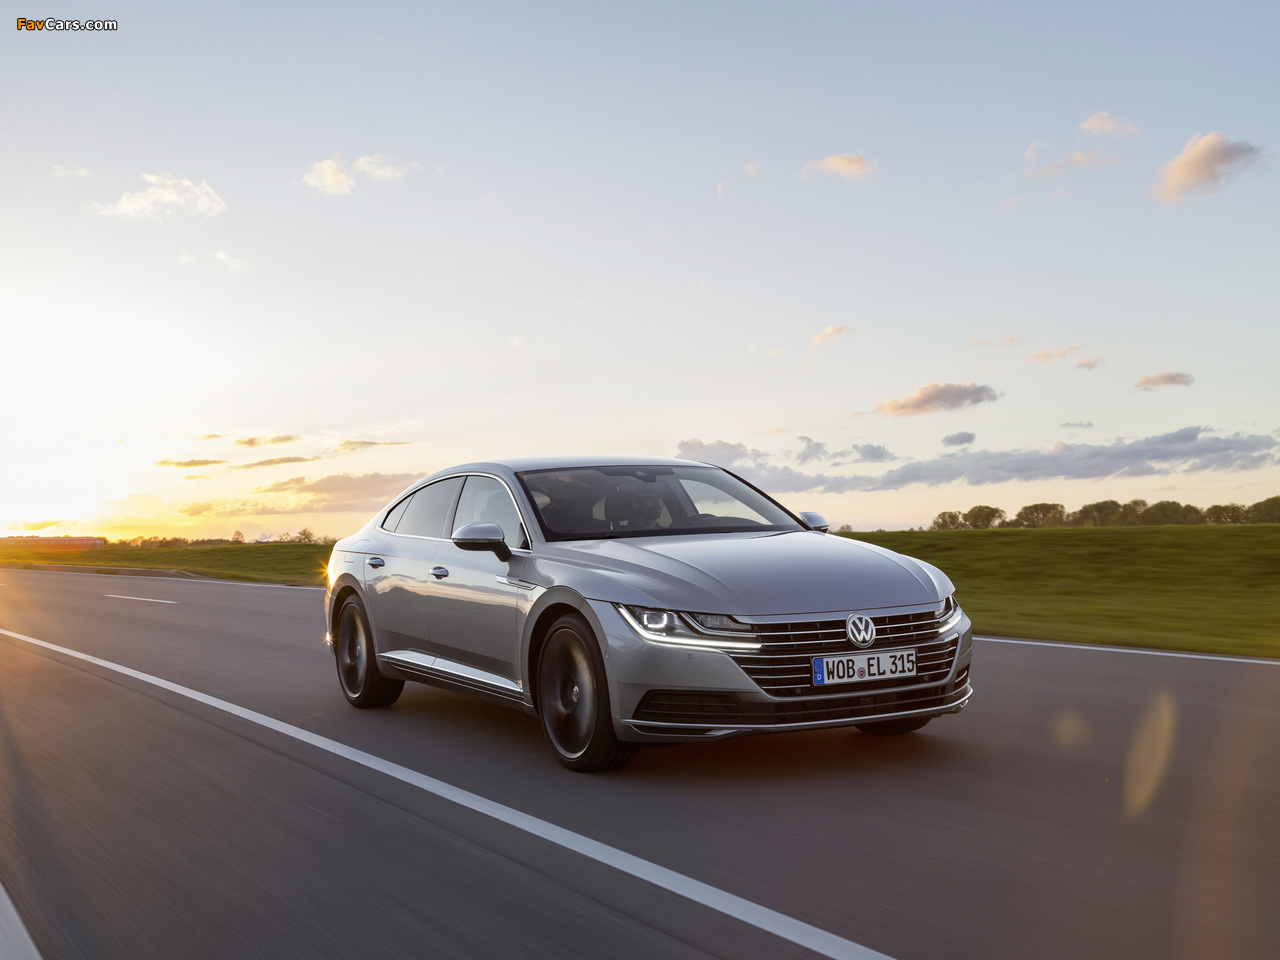 Volkswagen Arteon Elegance 2017 images (1280 x 960)